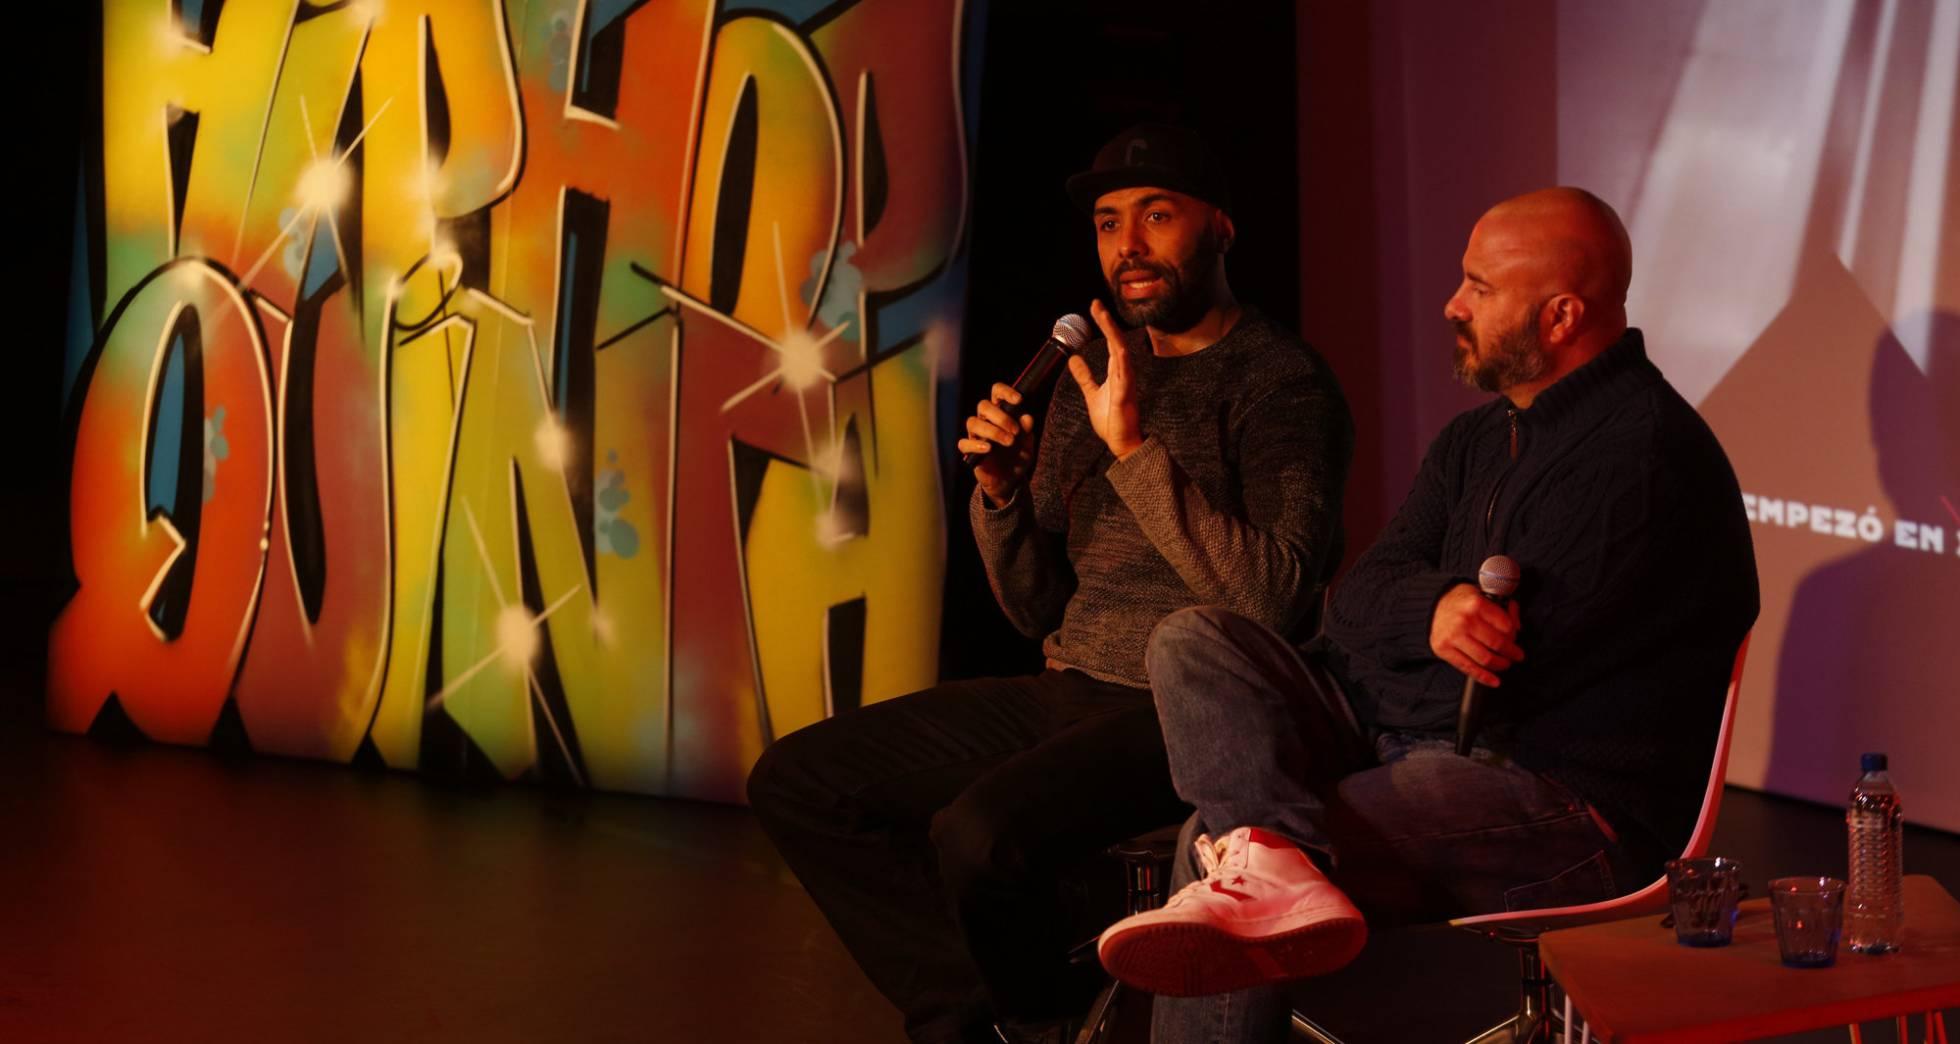 В Мадриде создаются культурные проекты в стиле хип-хоп для подростков